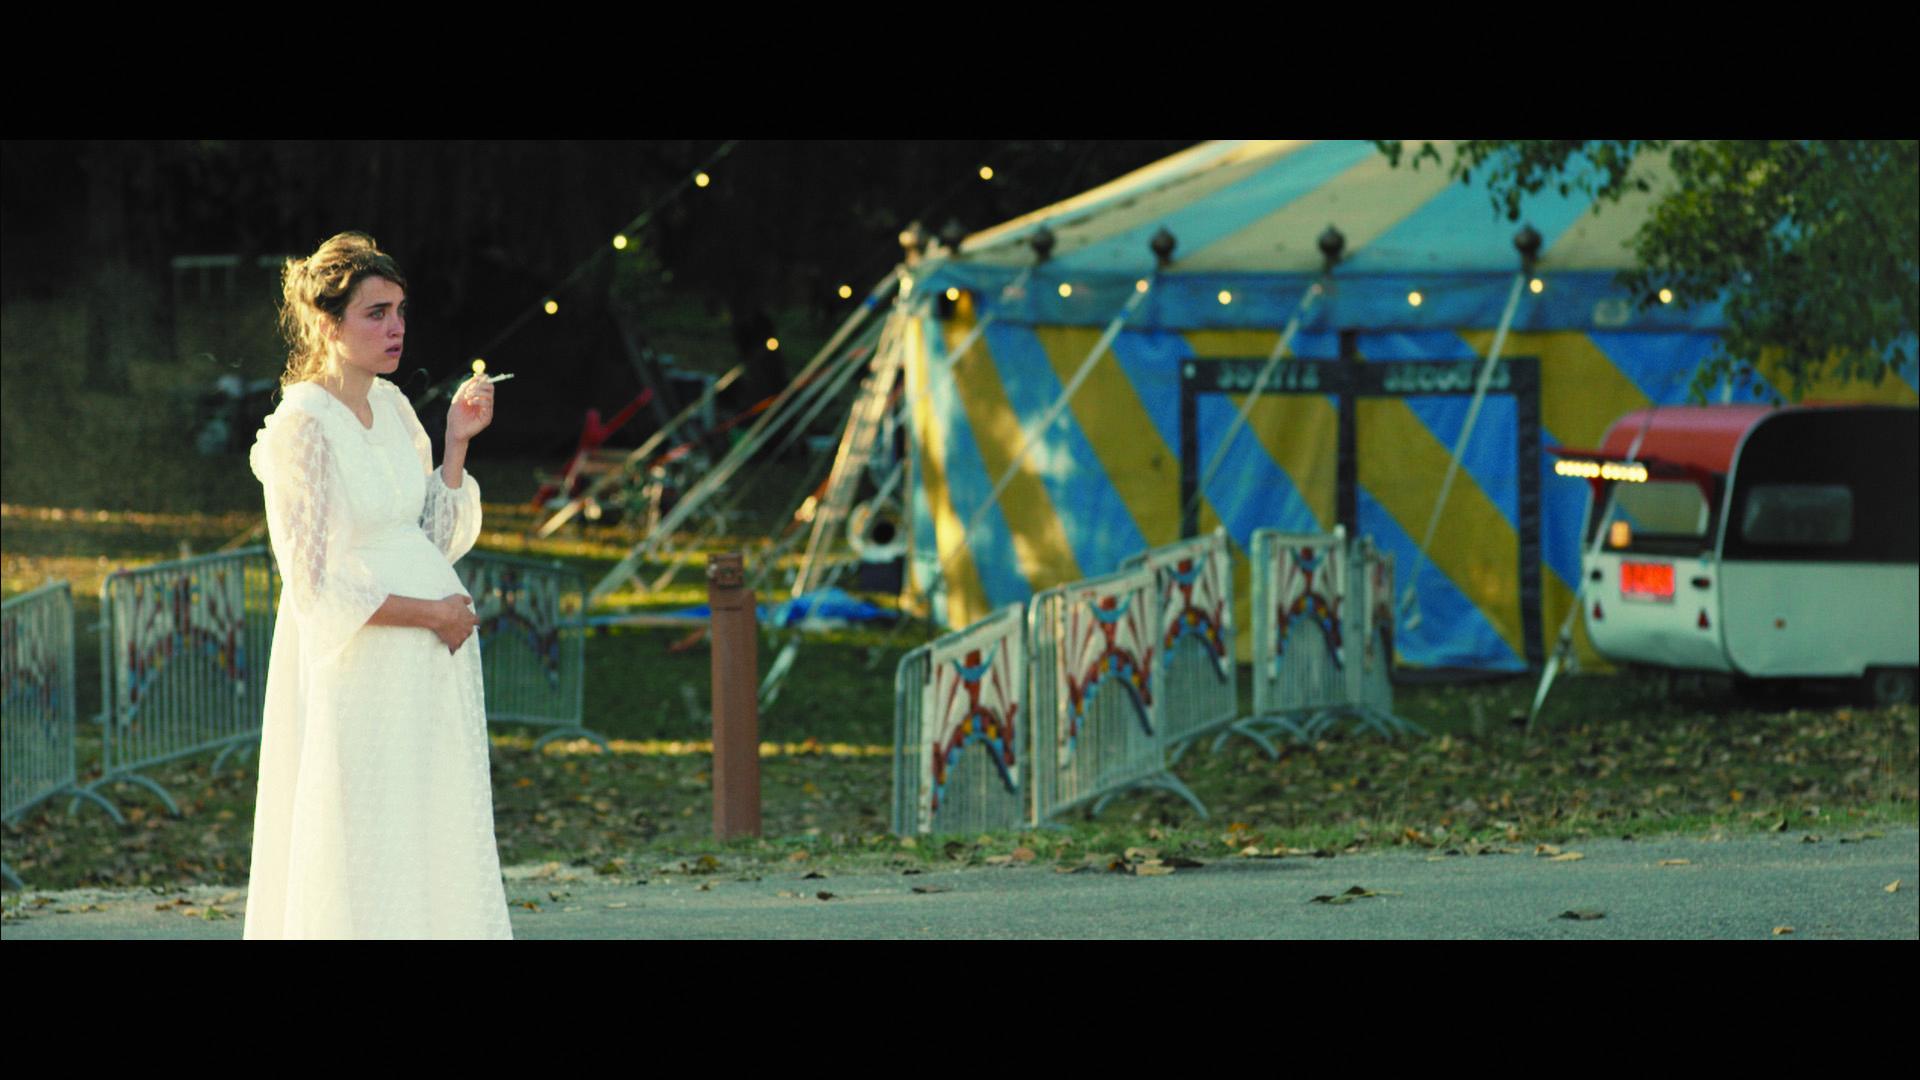 Festival d'Albi, les films #2: théâtre, danse et romanesque